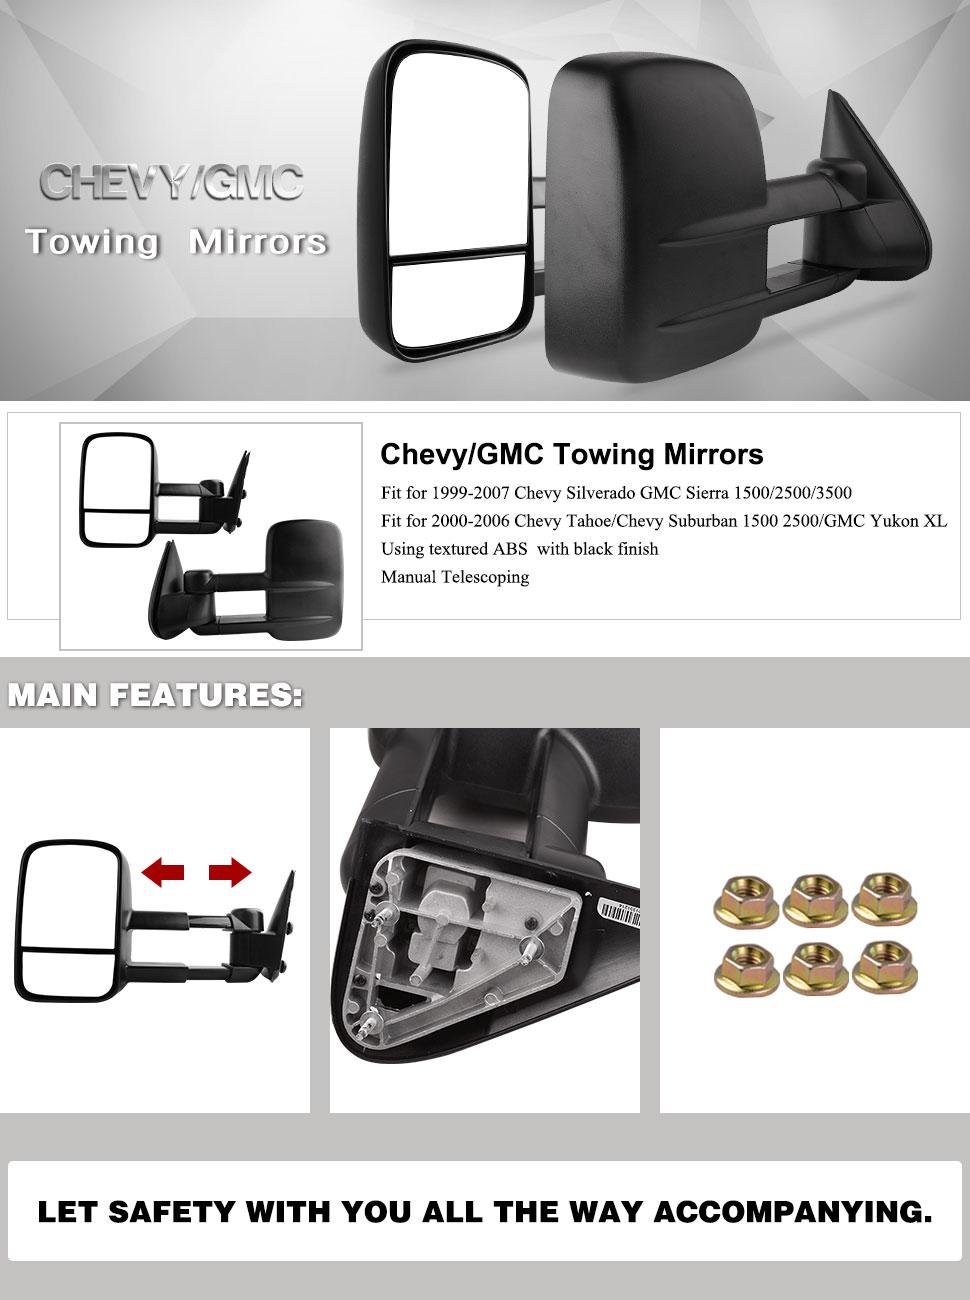 amazon com yitamotor chevy towing mirrors gmc manual no heated tow rh amazon com 99 suburban manual pdf 99 suburban manual pdf